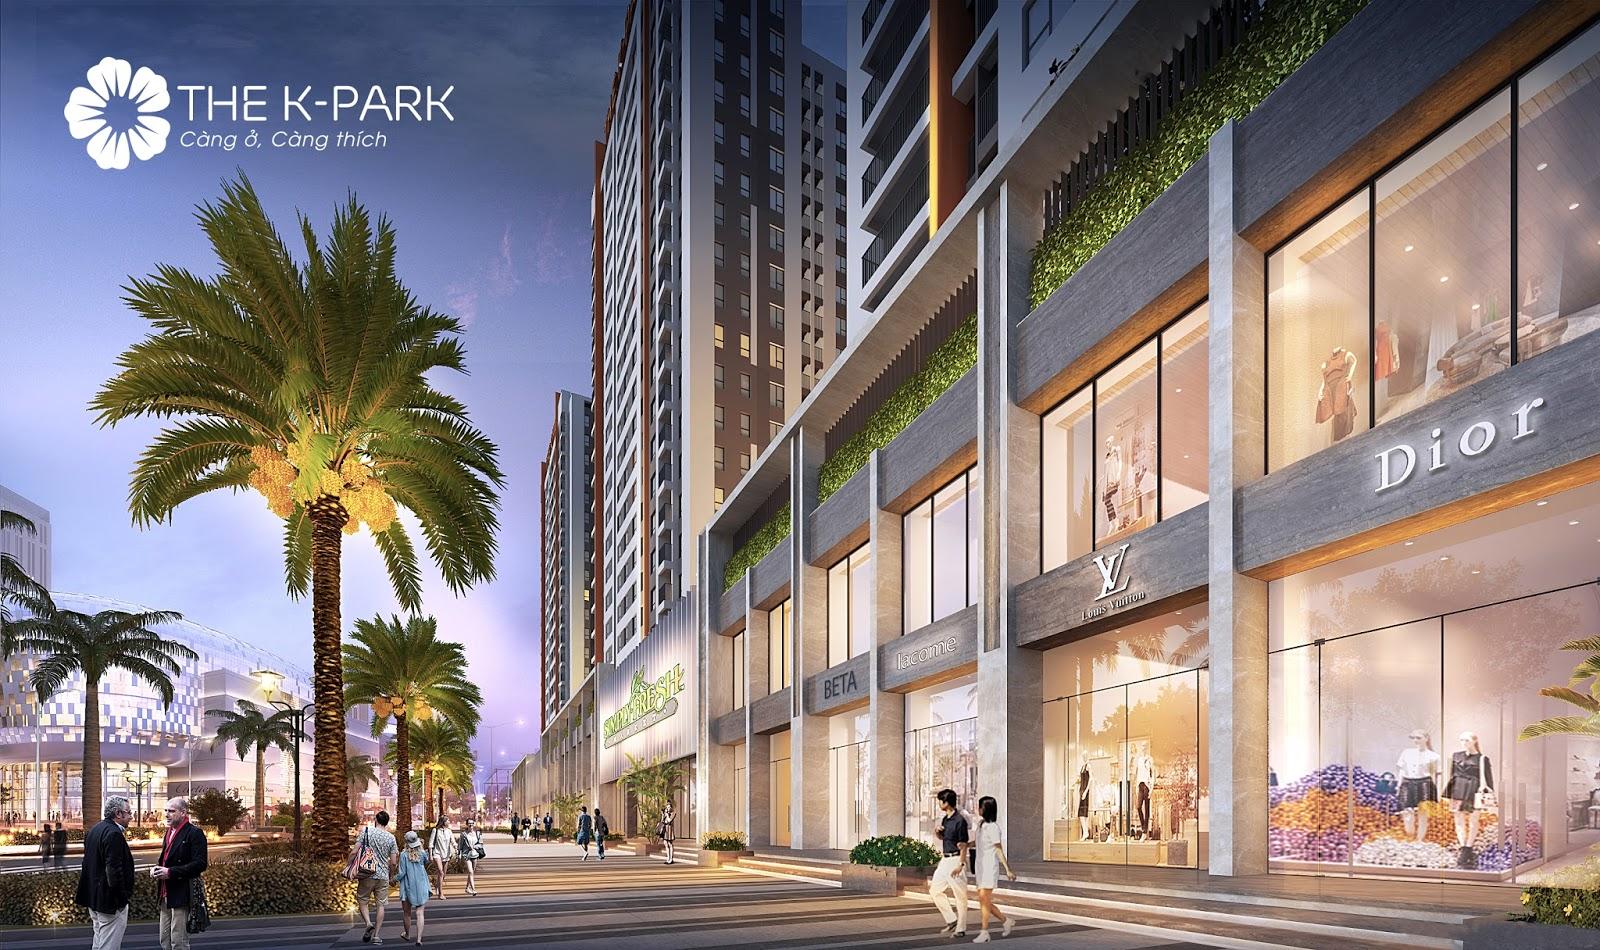 Trung tâm thương mại The K Park